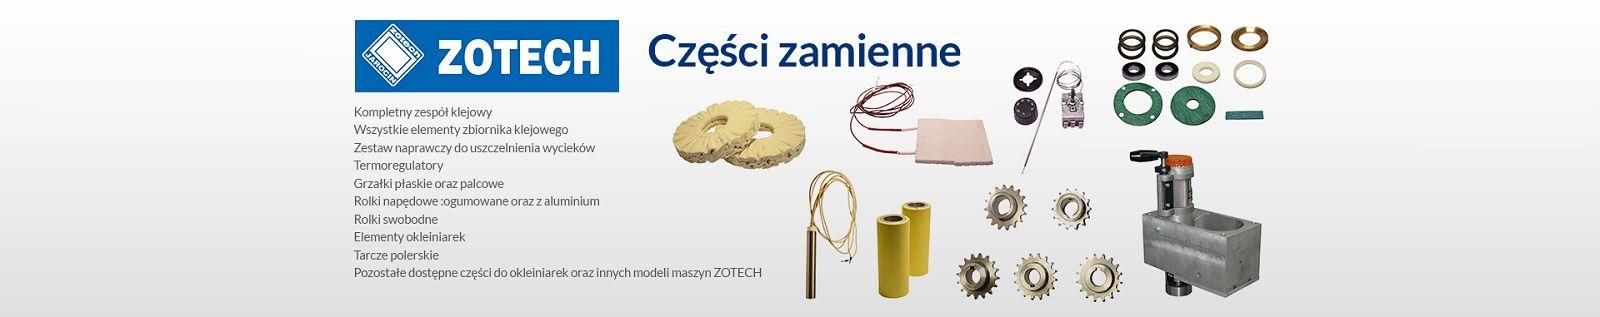 zotech-czesci-zamienne